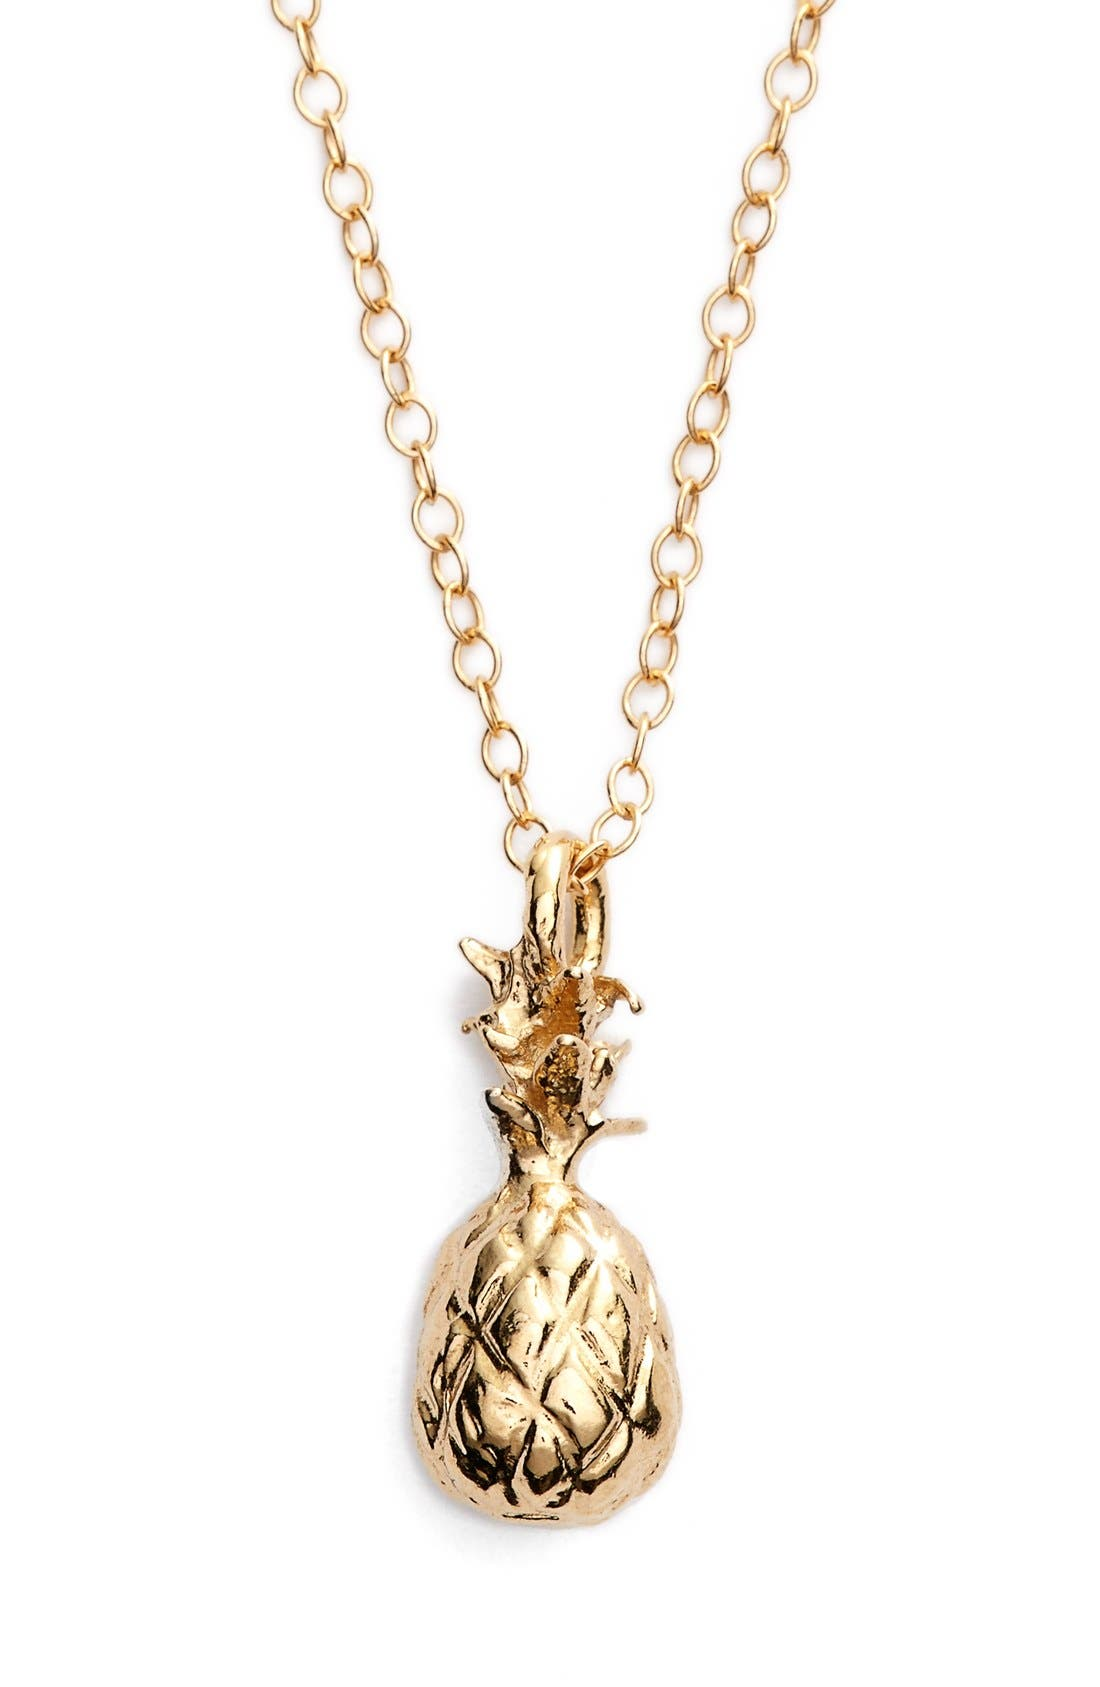 Alternate Image 1 Selected - ki-ele 'Hawaiian Pinya' Pendant Necklace